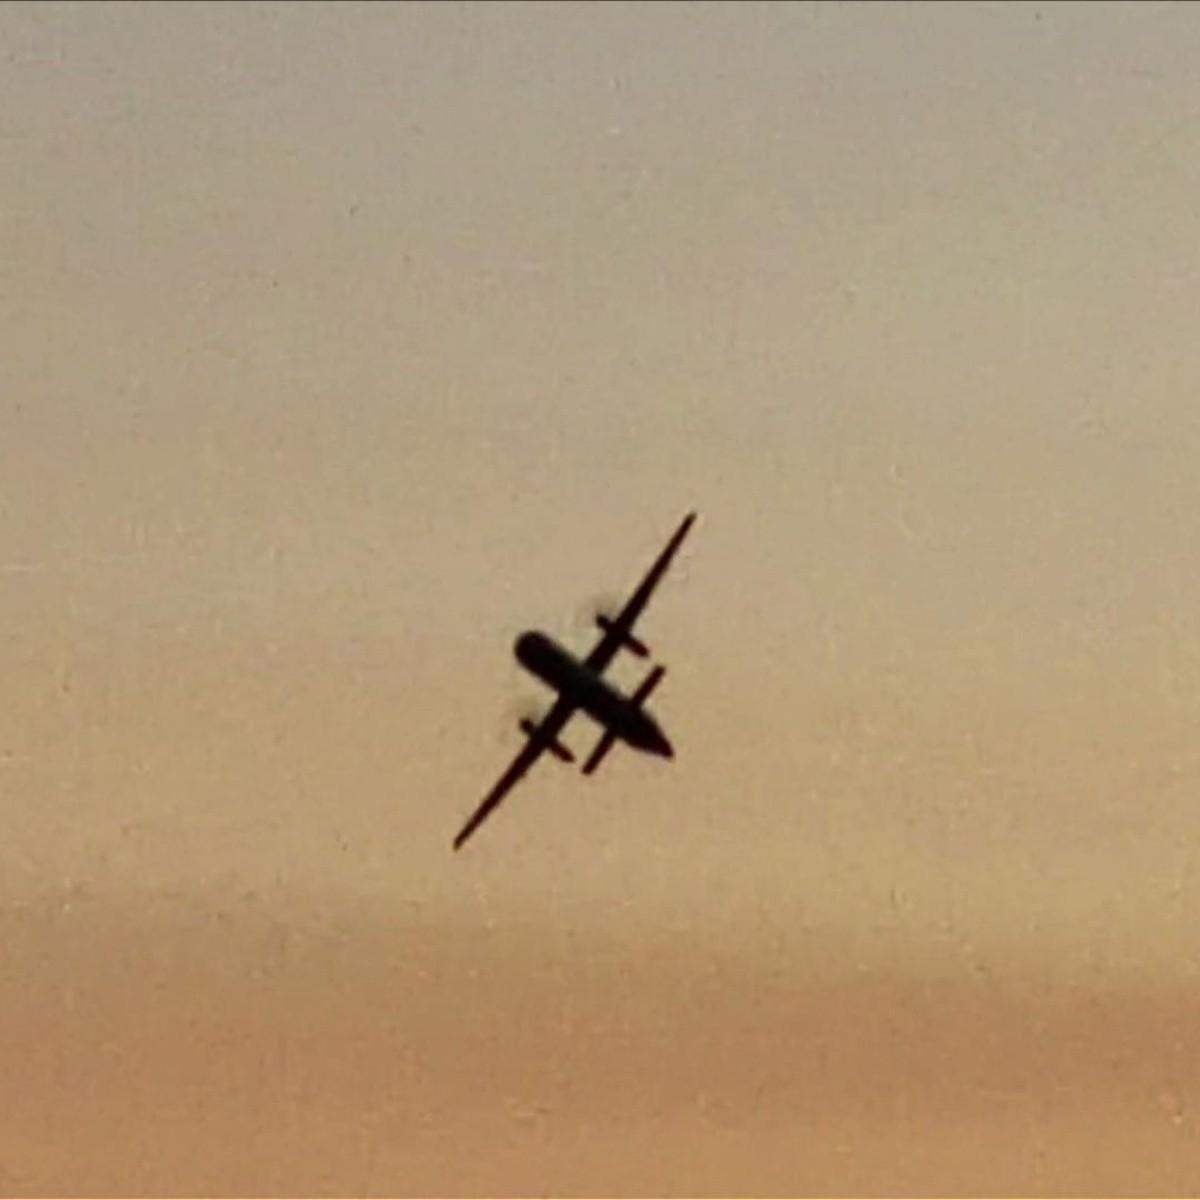 El FBI investiga cómo un hombre pudo robar y estrellar un avión en ...